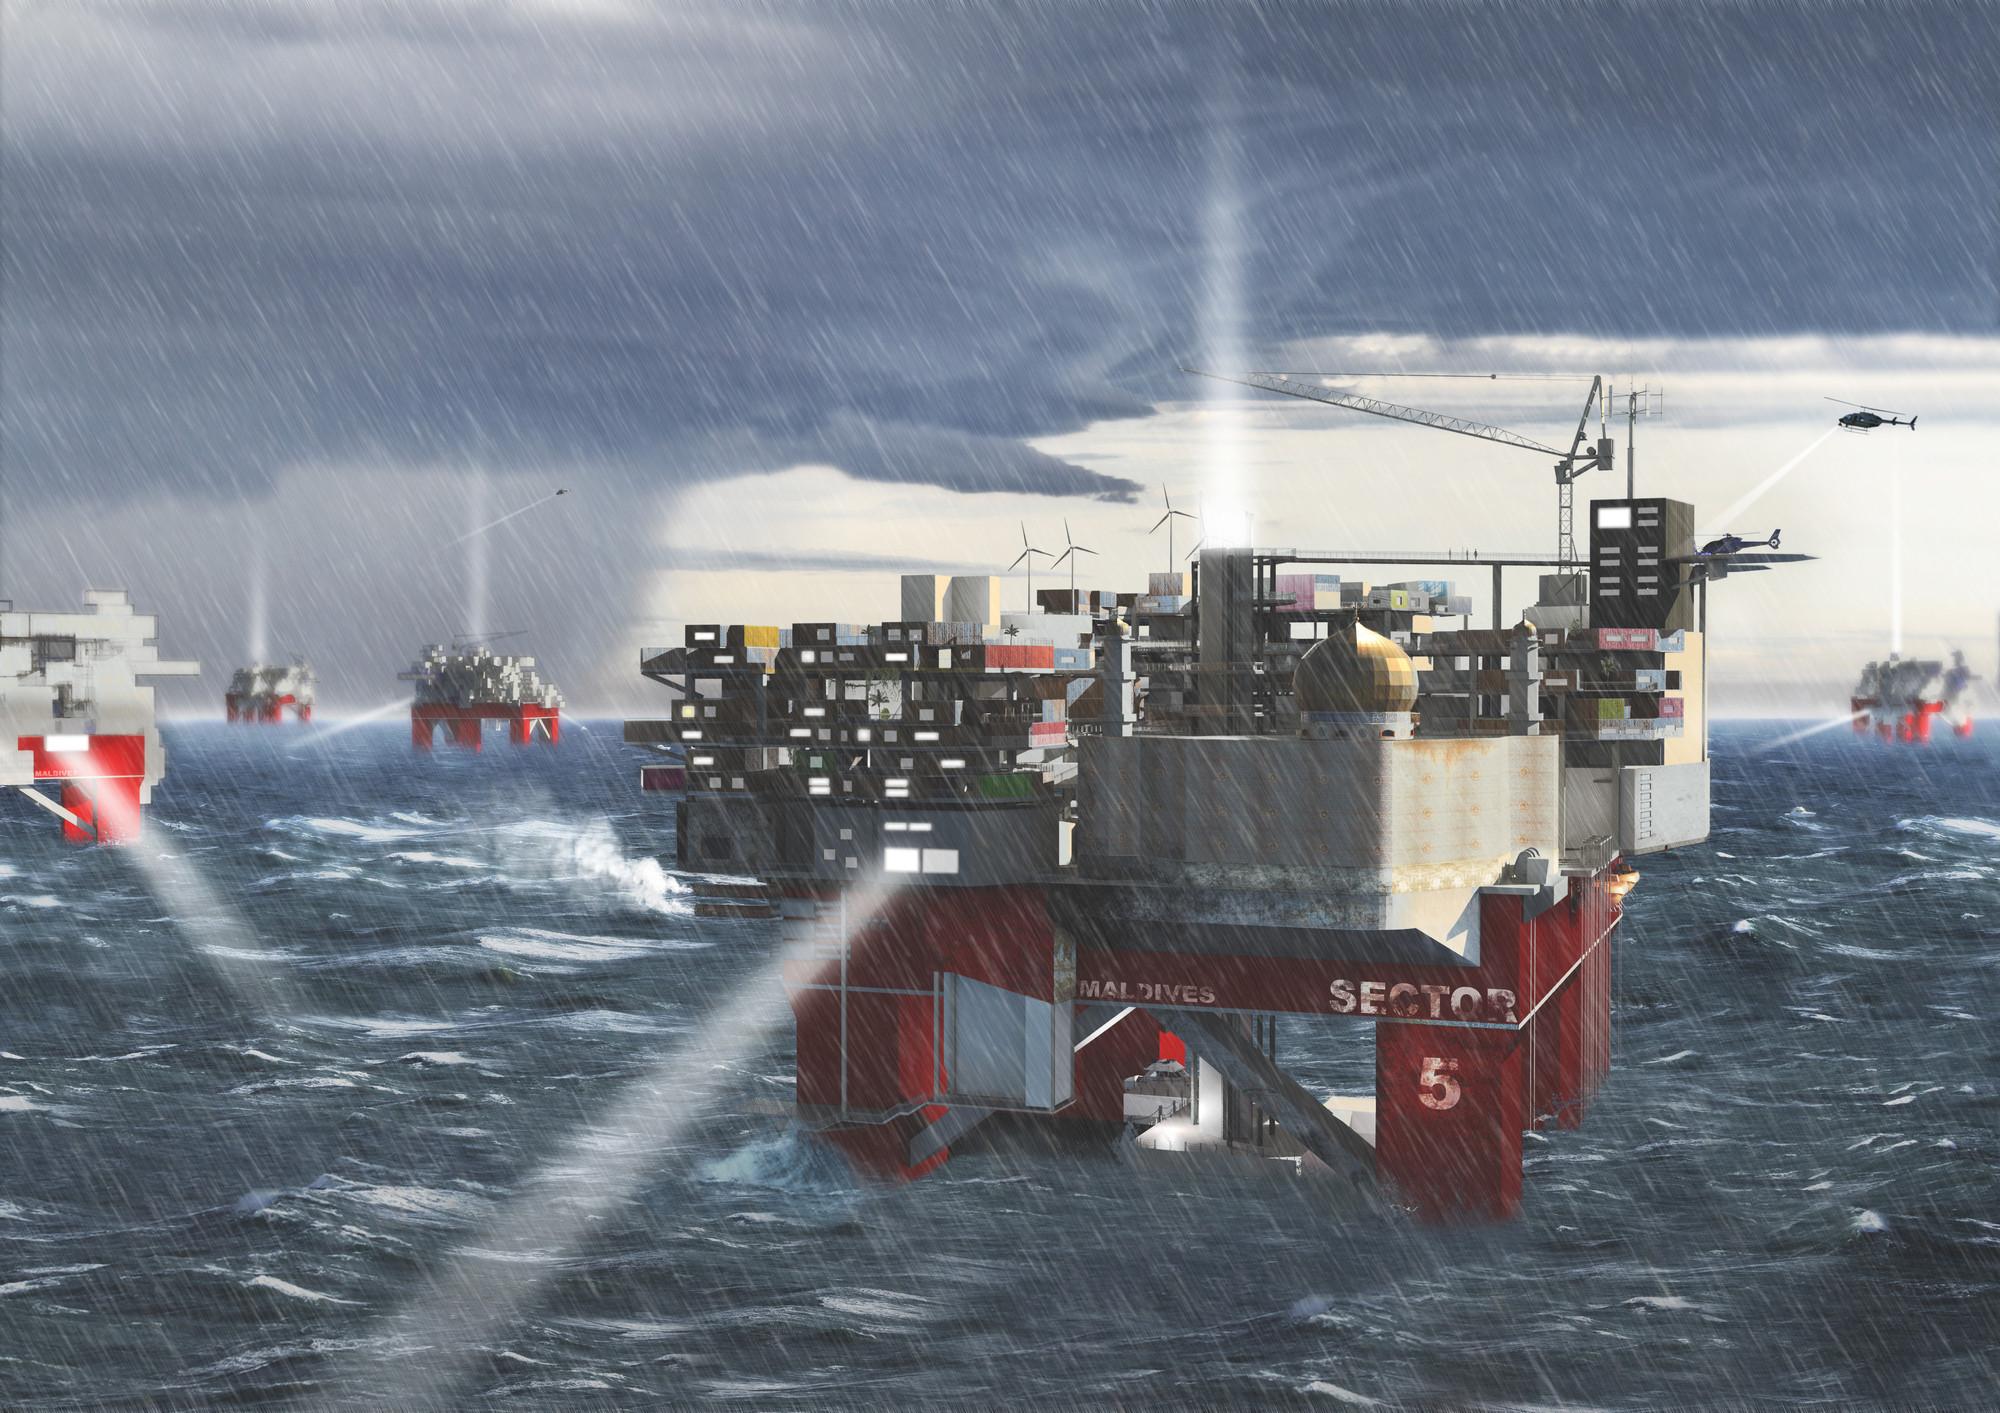 Un render de la propuesta durante una tormenta. Imagen © Mayank Thammalla